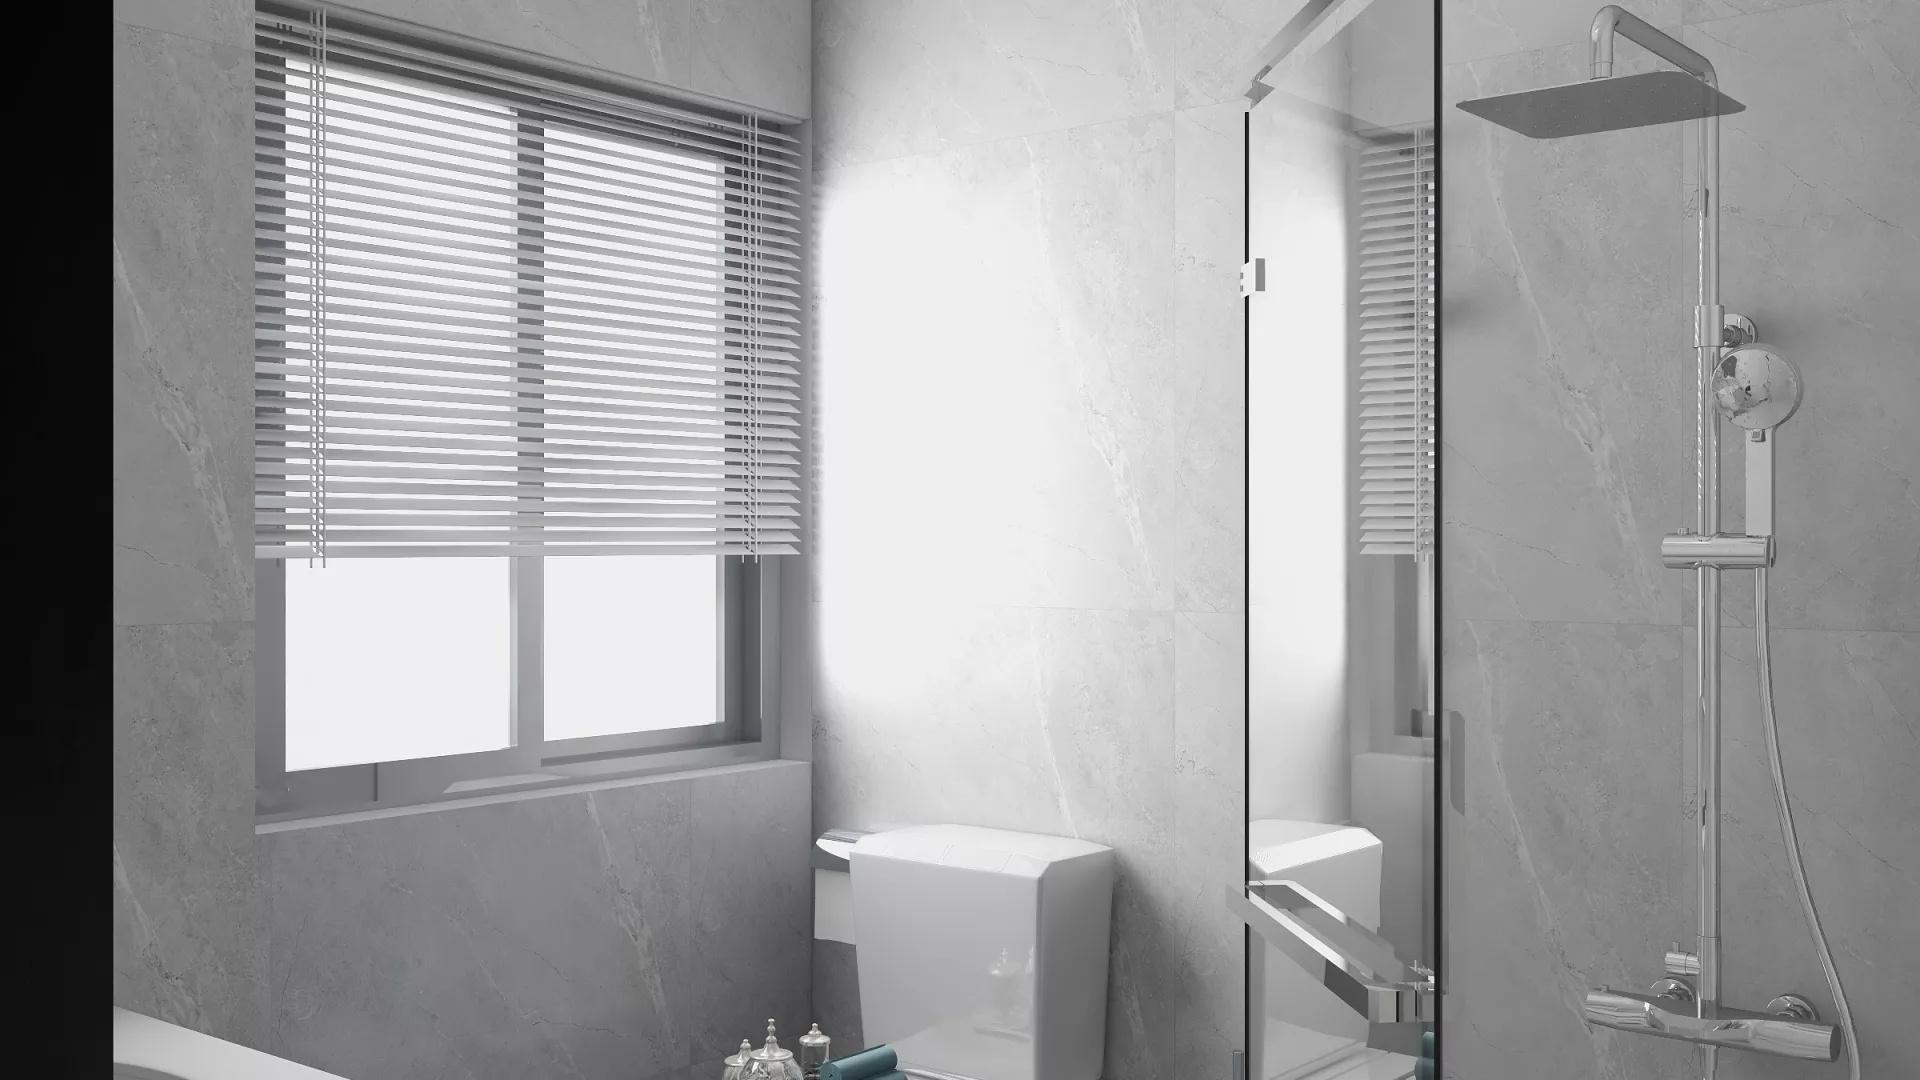 家用彩铝门窗选哪个品牌 彩铝门窗品牌排行榜